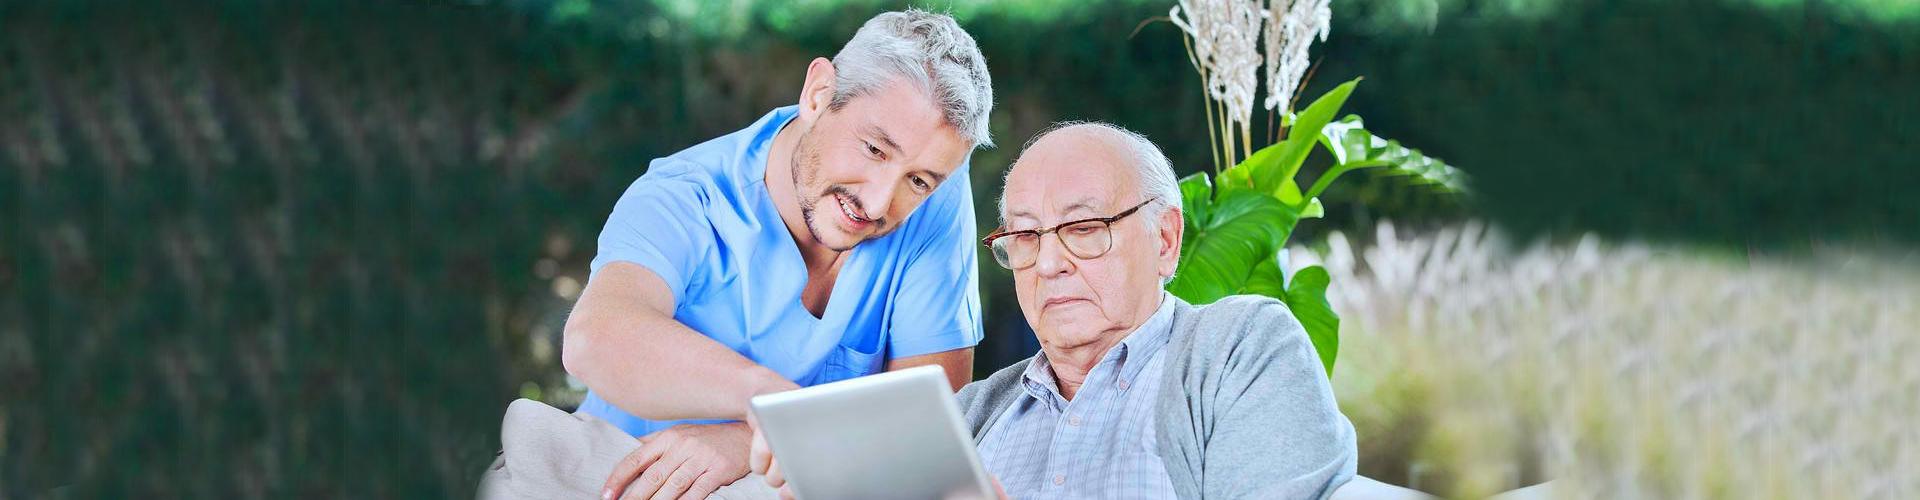 caregiver assisting elder man on using a tablet